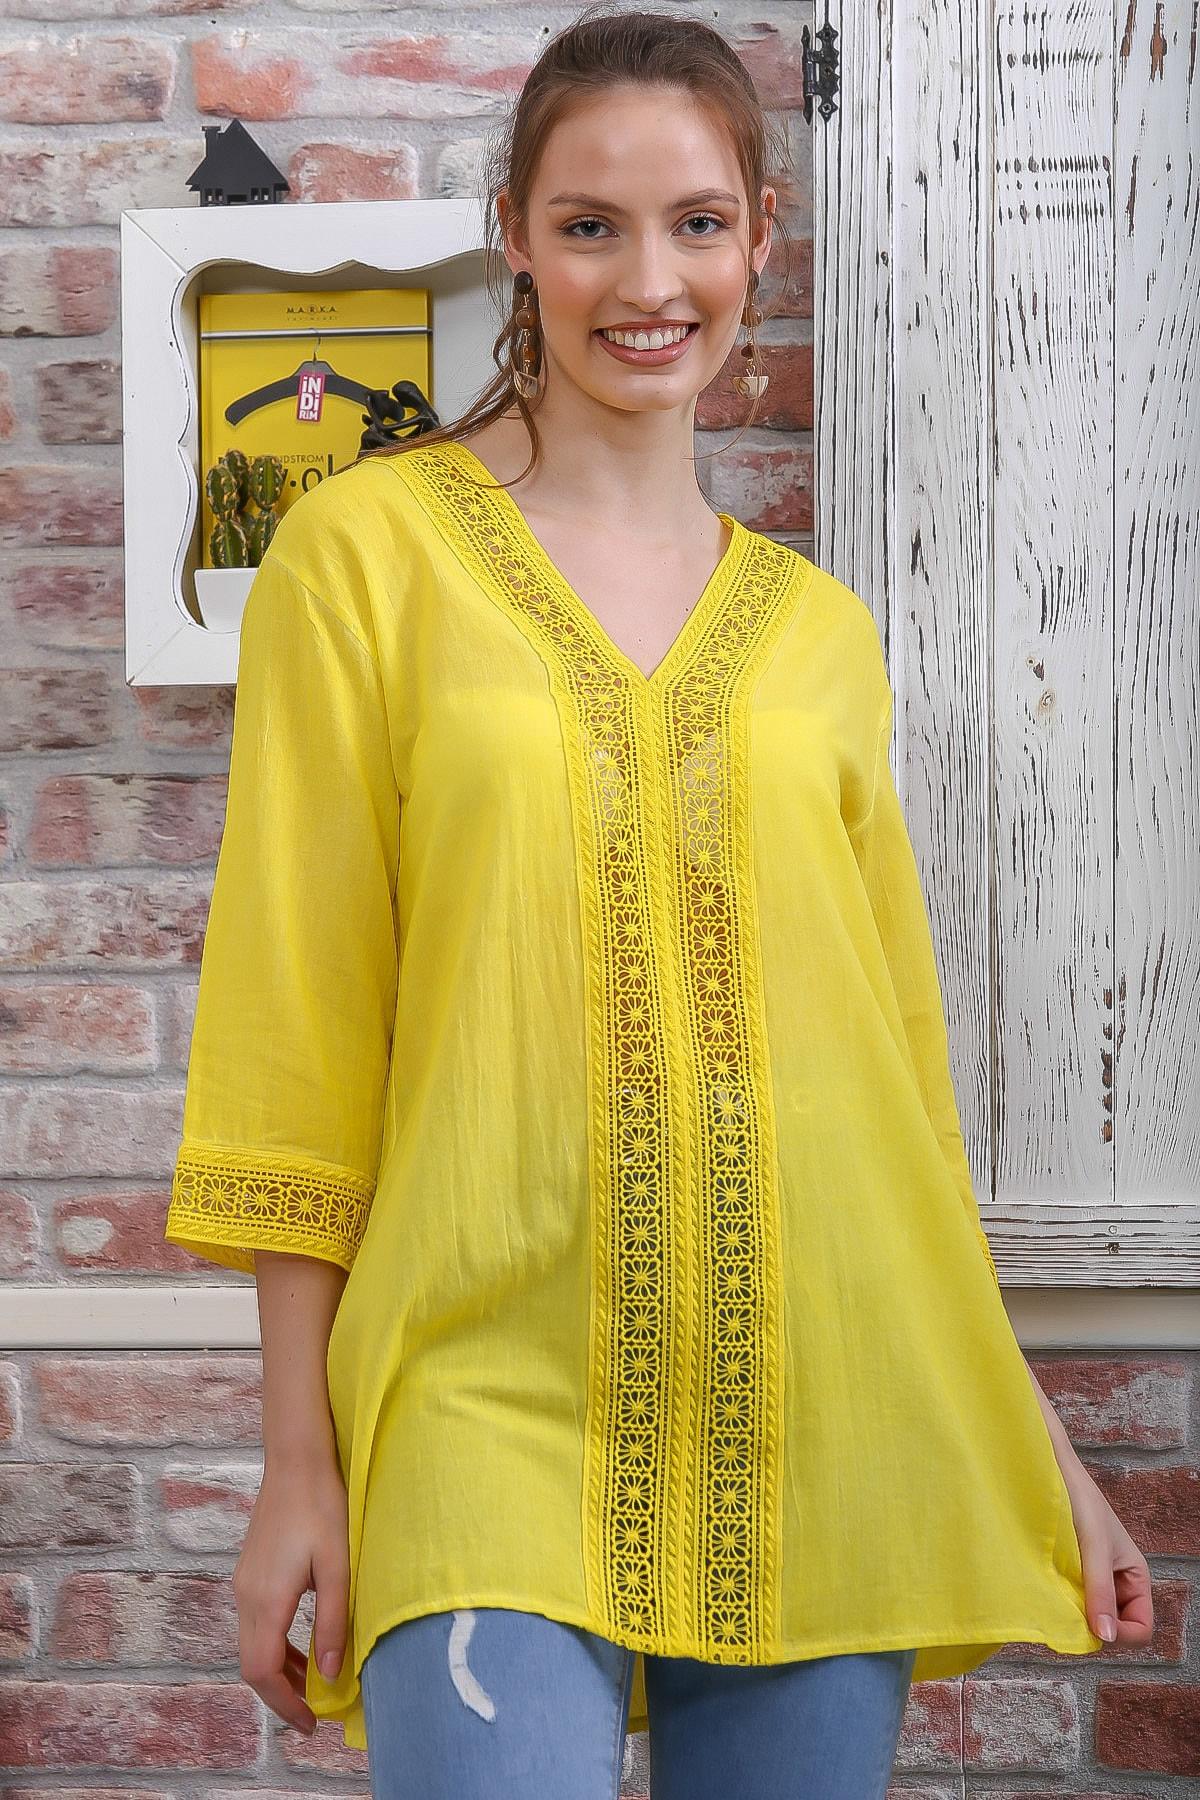 Chiccy Kadın Sarı Dantel Şerit Detaylı 3/4 Kol Dokuma Bluz M10010200BL95437